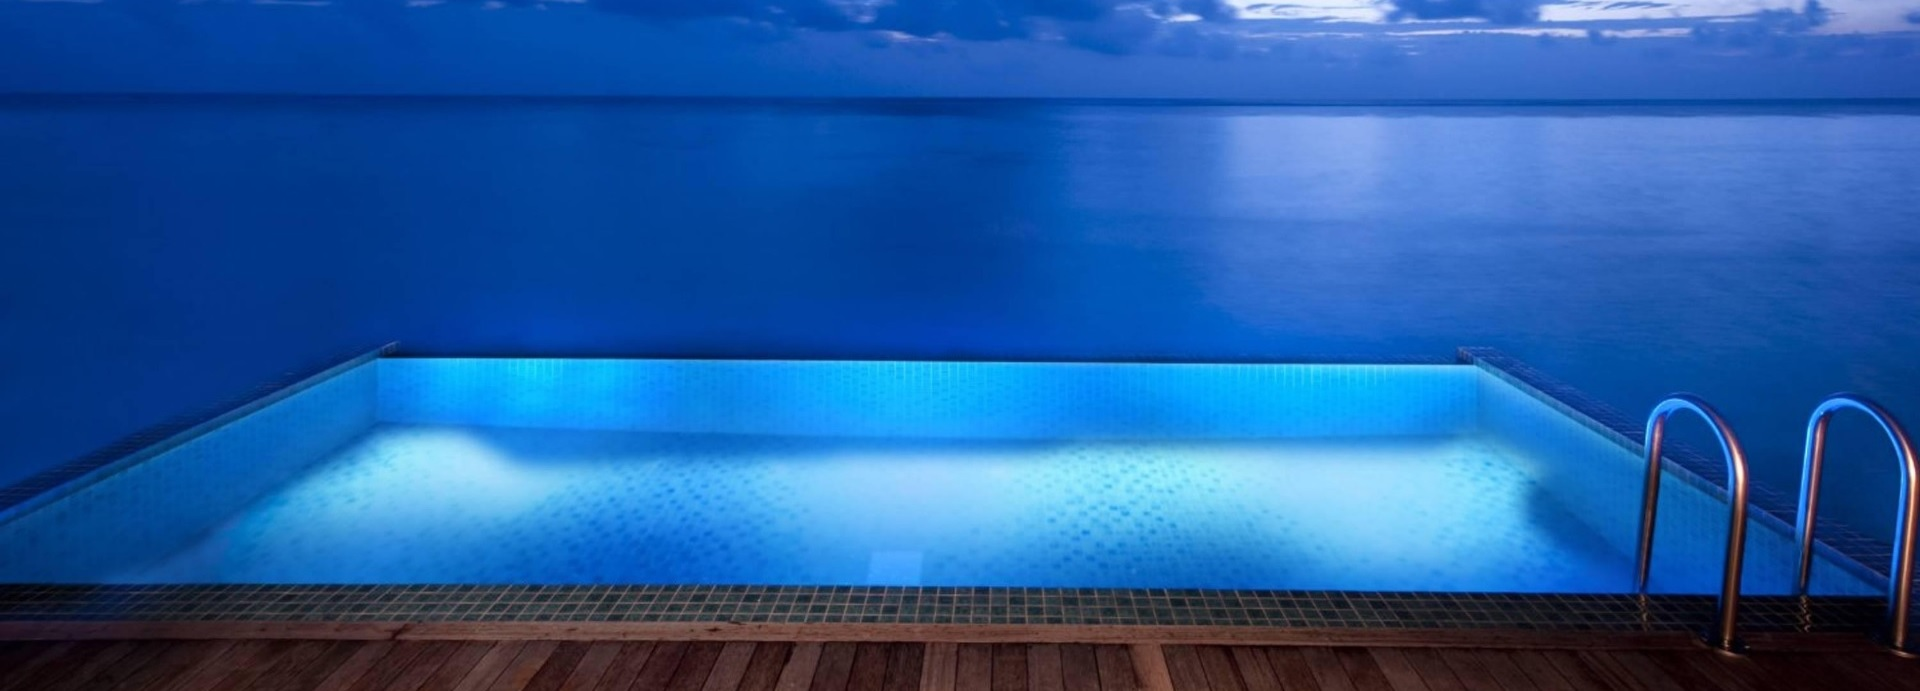 Todo lo que puedas imaginar de la piscina